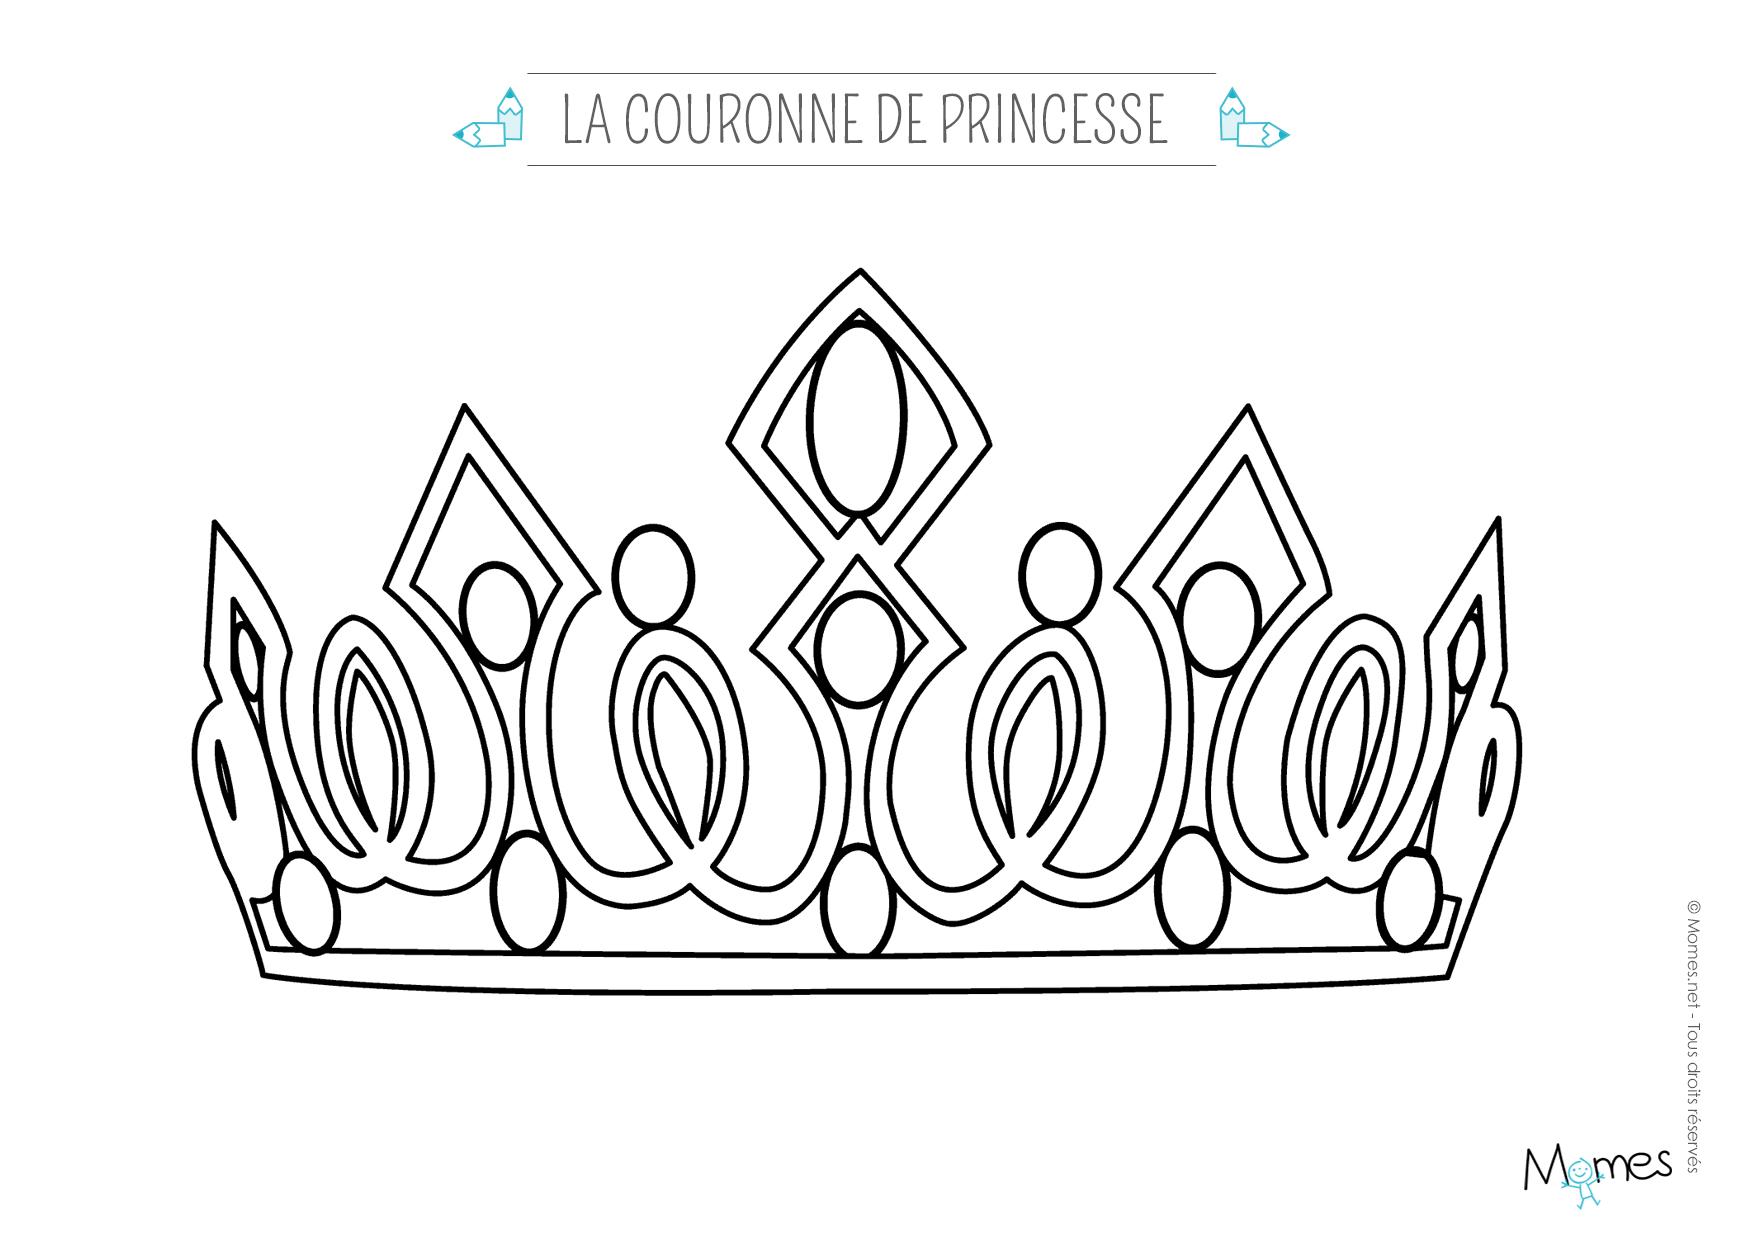 Coloriage une couronne de princesse - Couronne de noel a colorier ...